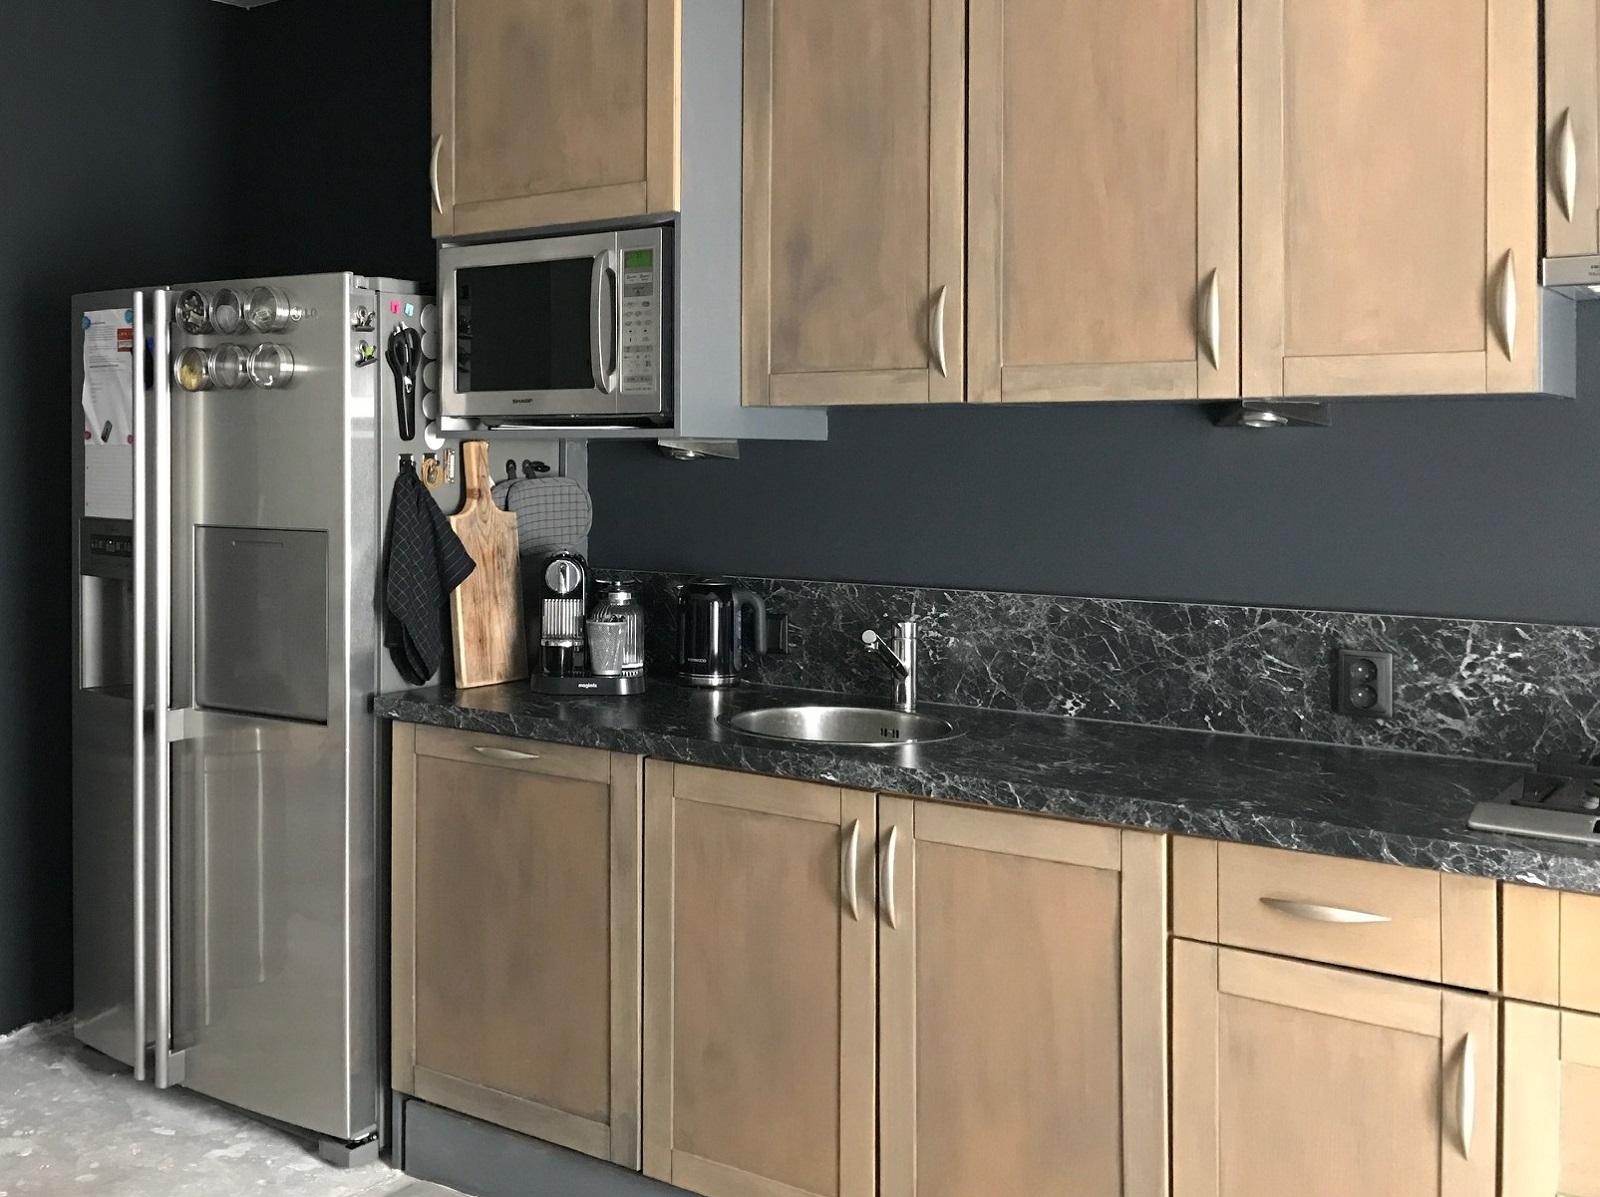 Keukenblad prijs betonstuc keukenblad betonlook prijs keramiek - Prijs graniet werkblad ...